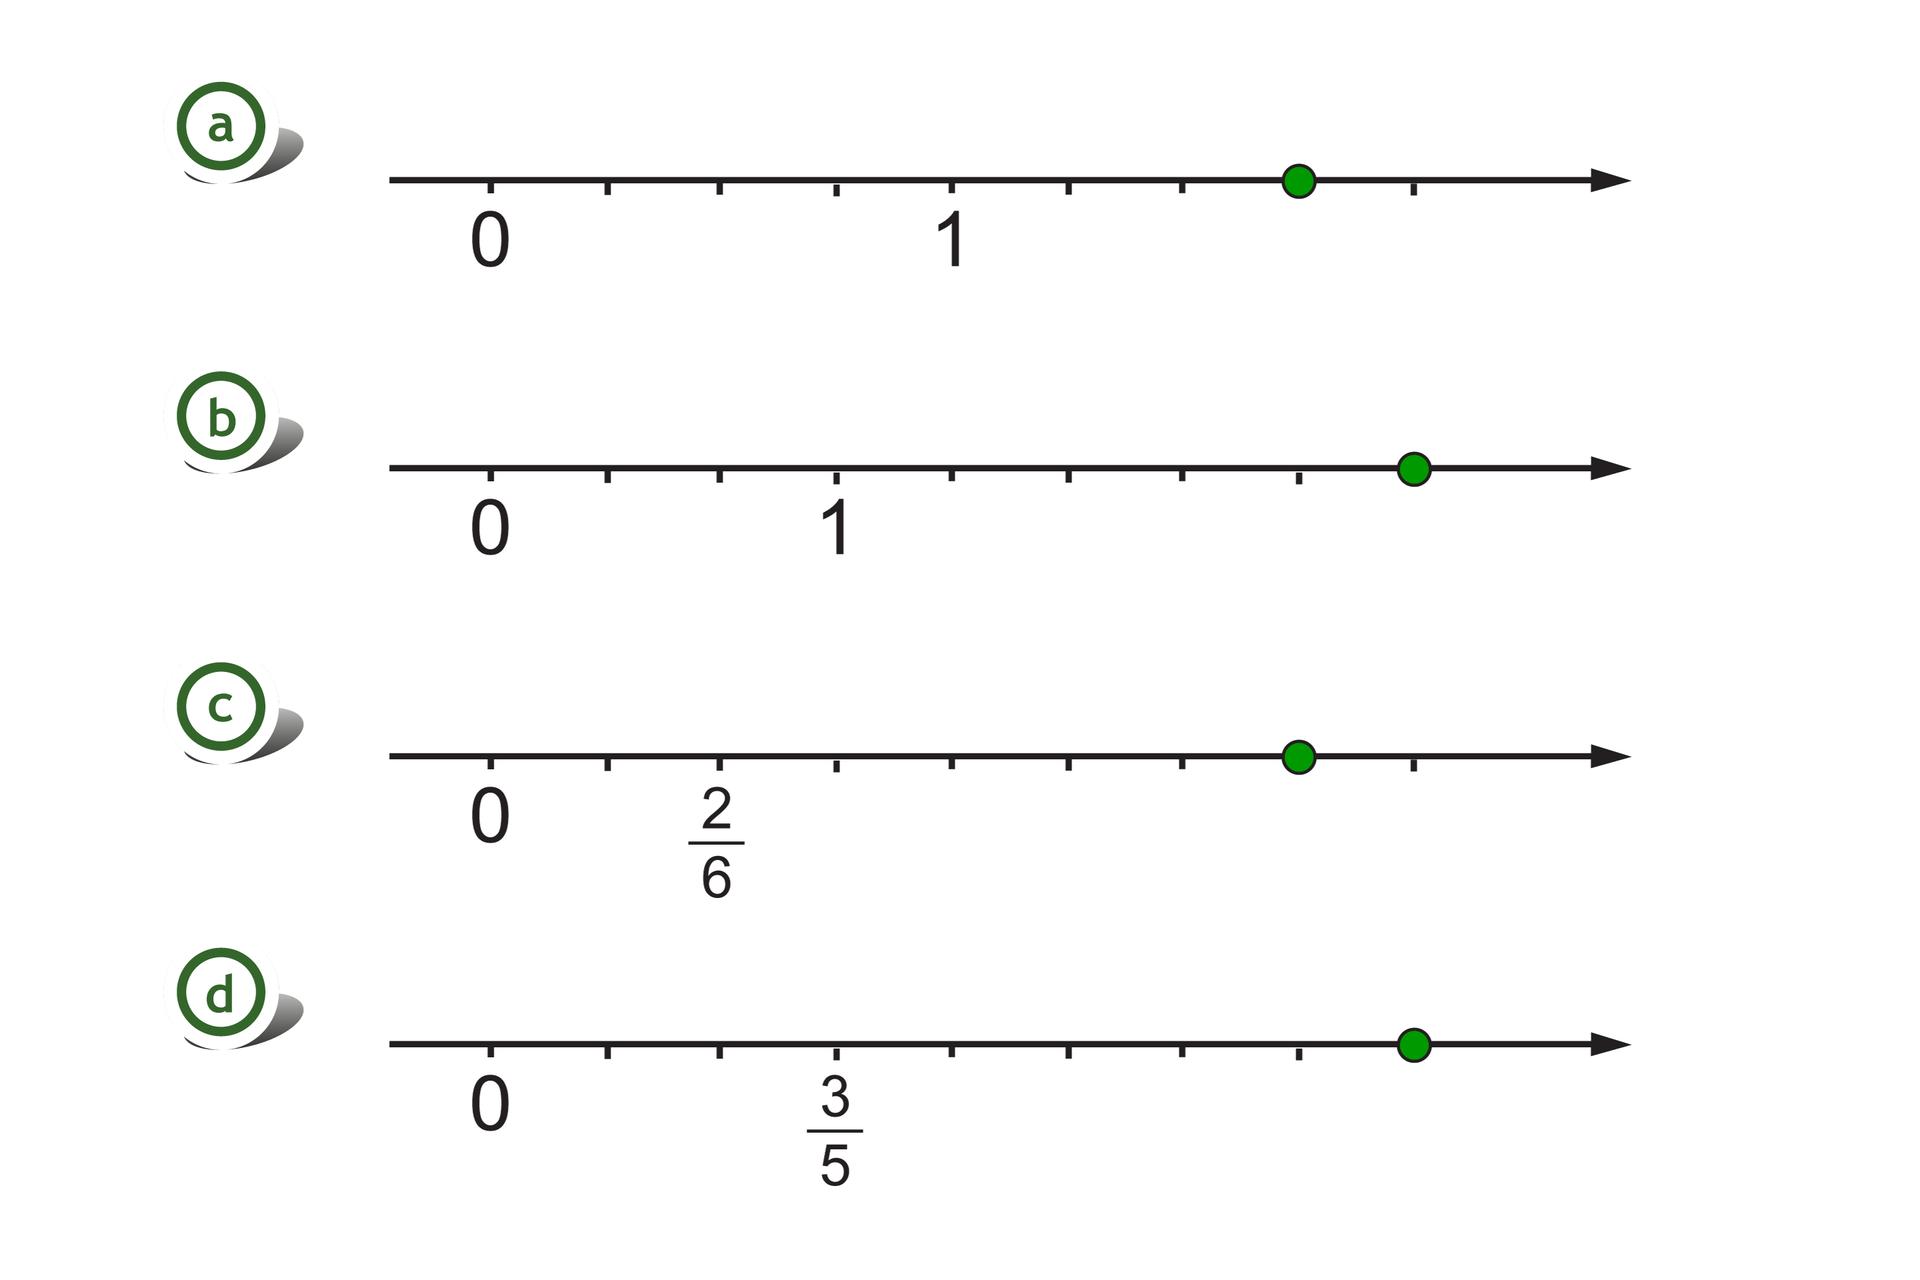 Rysunek czterech osi liczbowych. Na pierwszej osi zaznaczone punkty 0 i1, odcinek jednostkowy podzielony na cztery równe części. Szukany punkt wyznacza trzy części za punktem 1. Na drugiej osi zaznaczone punkty 0 i1, odcinek jednostkowy podzielony na trzy równe części. Szukany punkt wyznacza pięć części za punktem 1. Na trzeciej osi zaznaczone punkty 0 idwie szóste, odcinek jednostkowy równy jedna szósta. Szukany punkt wyznacza pięć części za punktem dwie szóste. Na czwartej osi zaznaczone punkty 0 itrzy piąte, odcinek jednostkowy równy jedna piąta. Szukany punkt wyznacza pięć części za punktem trzy piąte.